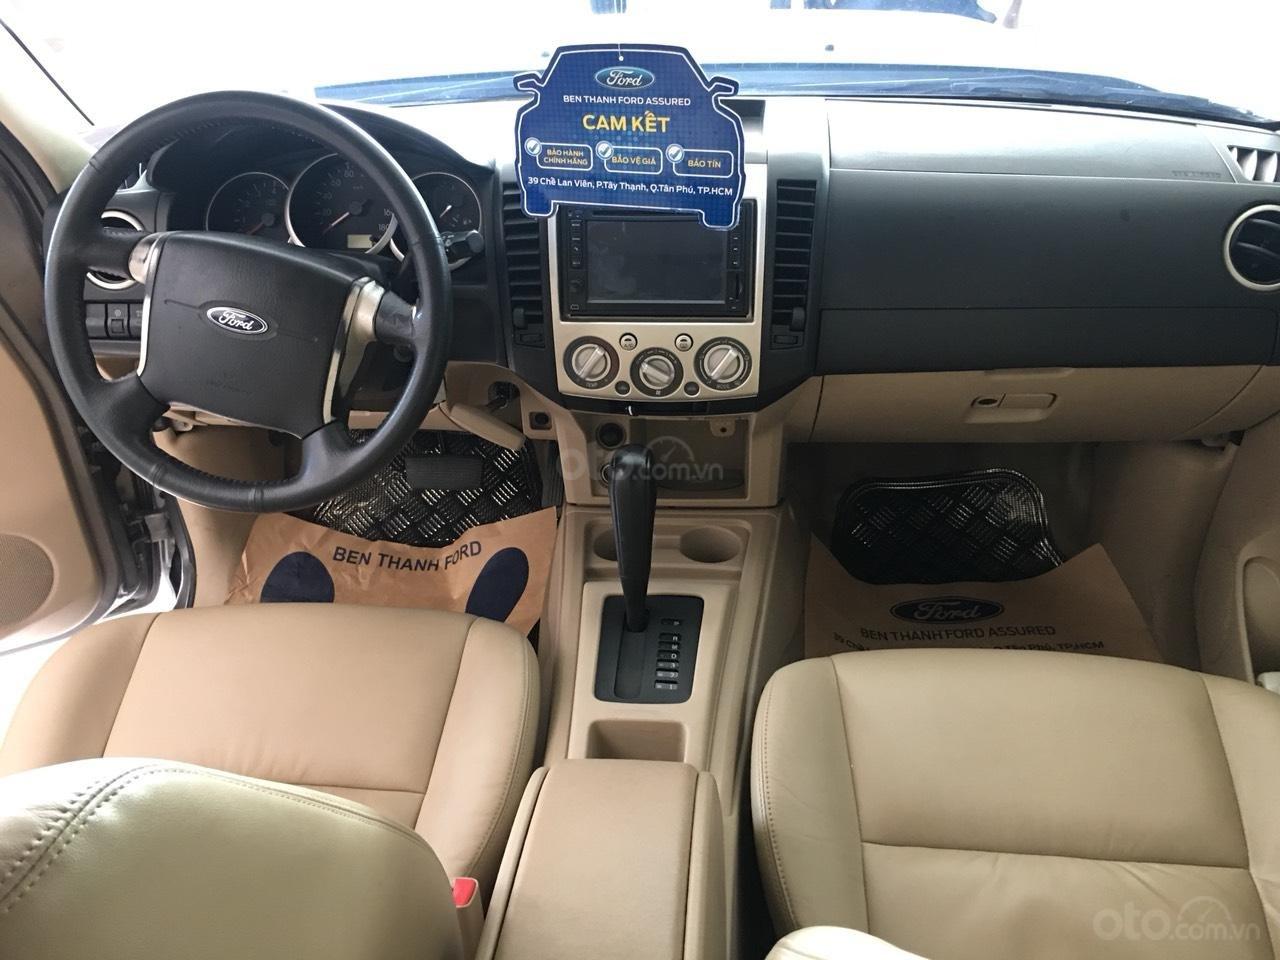 Cần bán xe Ford Everest Limited năm sản xuất 2011, màu xám (ghi)-6